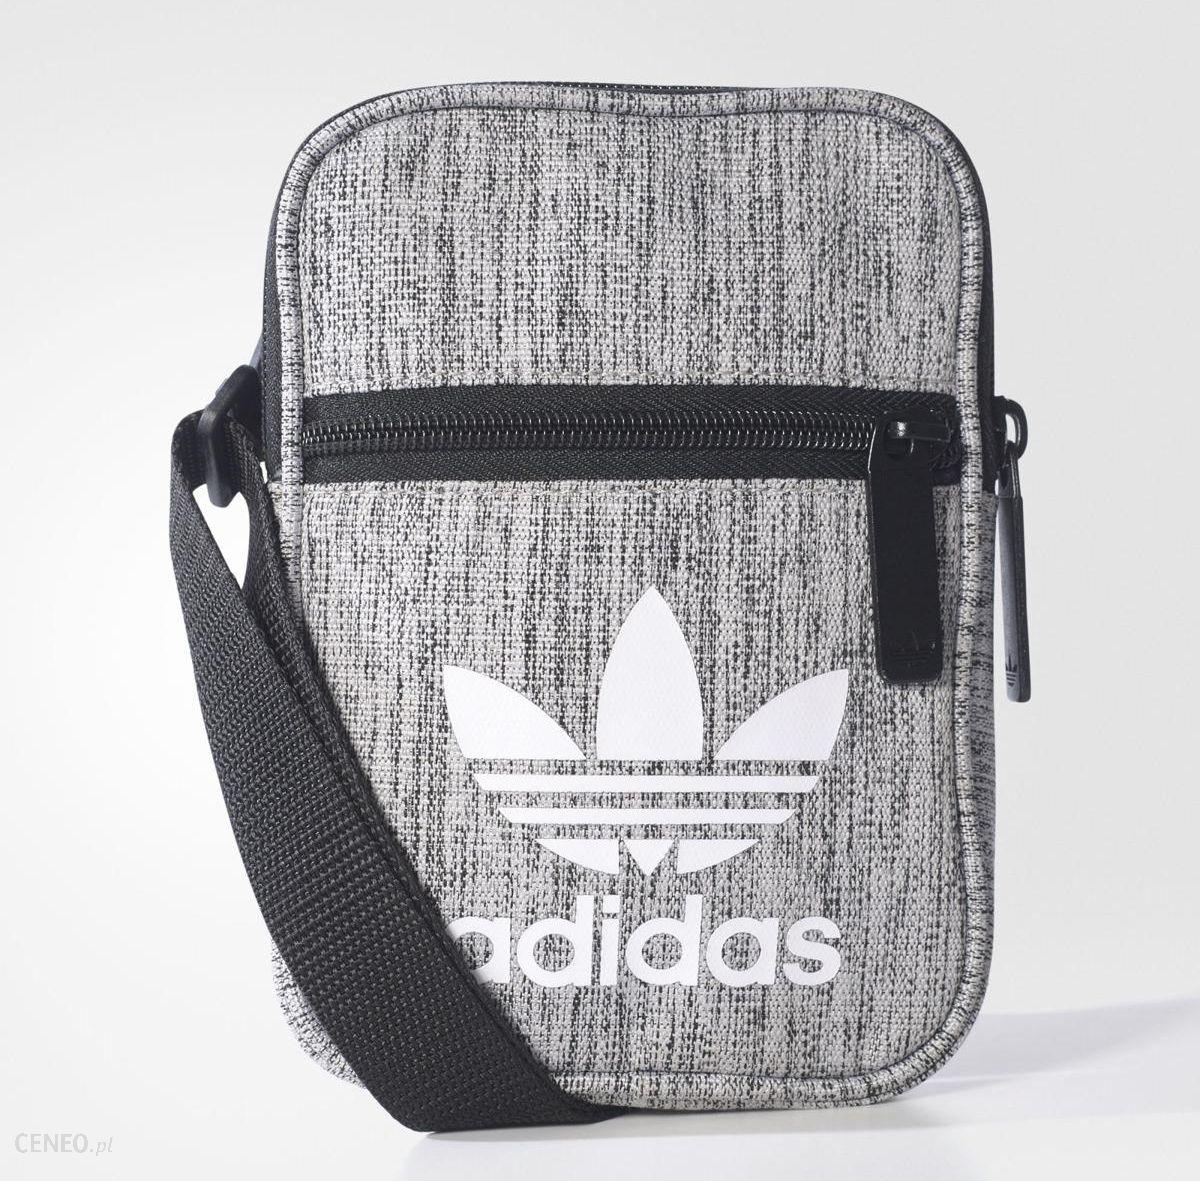 a657b919d2b31 Saszetka Adidas Originals Festival Bag Casual - BK7109 - Ceny i ...